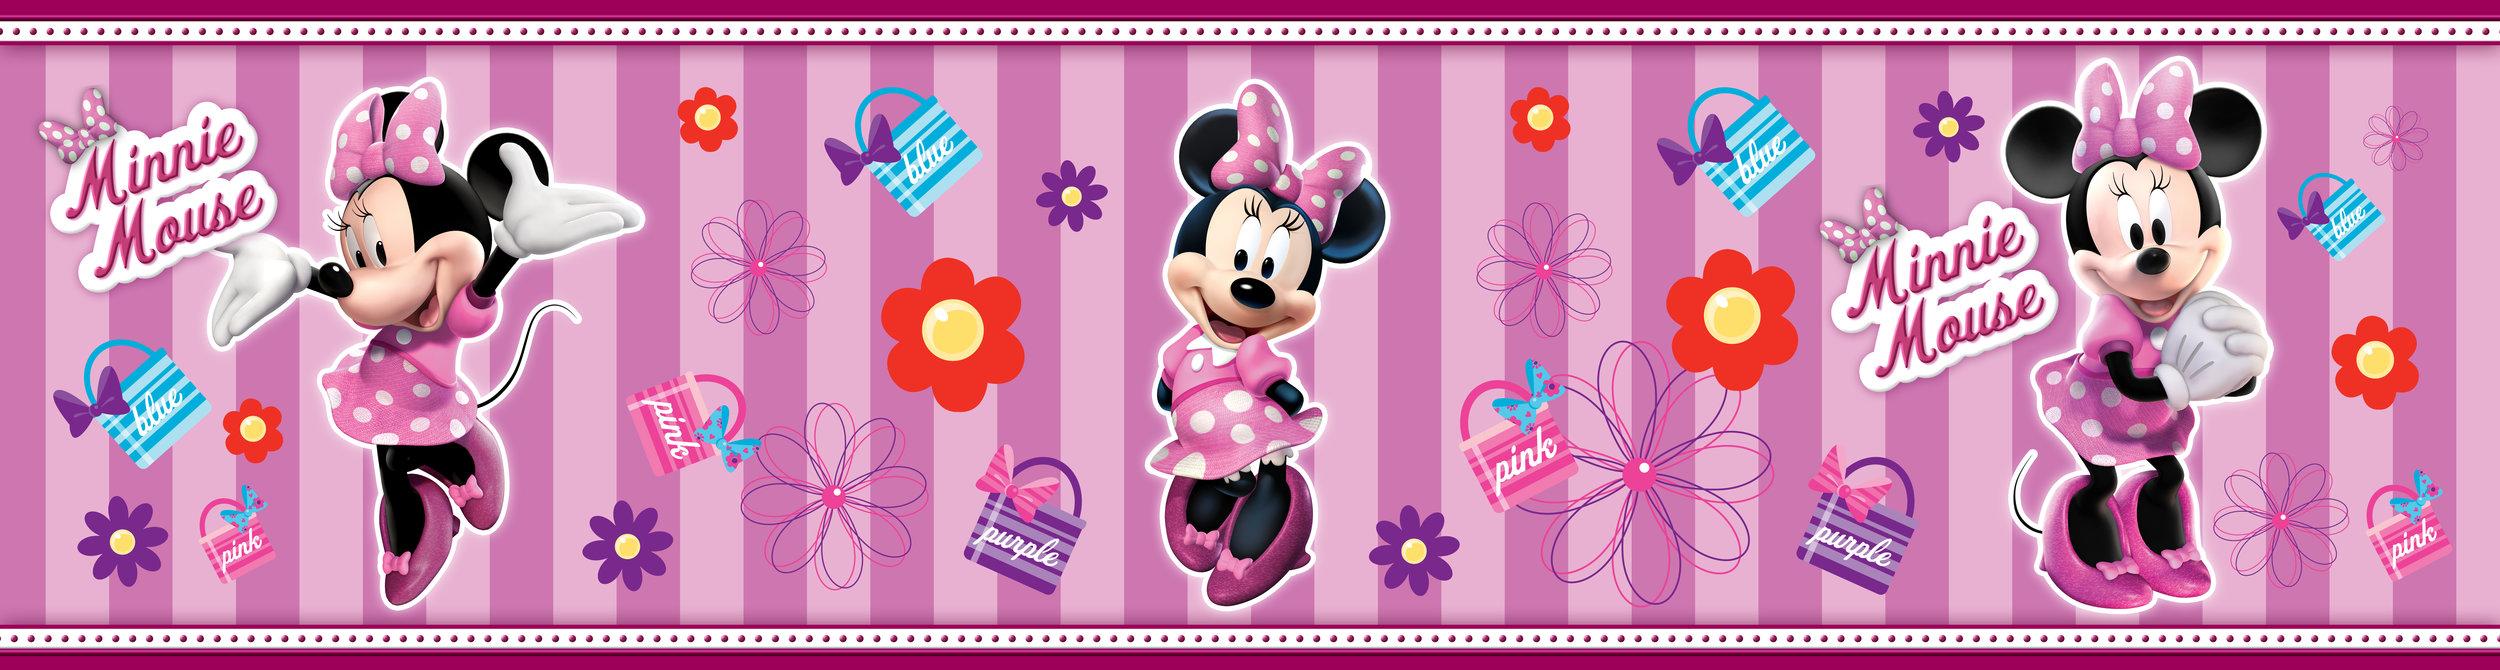 LIAB-Minnie-Mouse-2.jpg